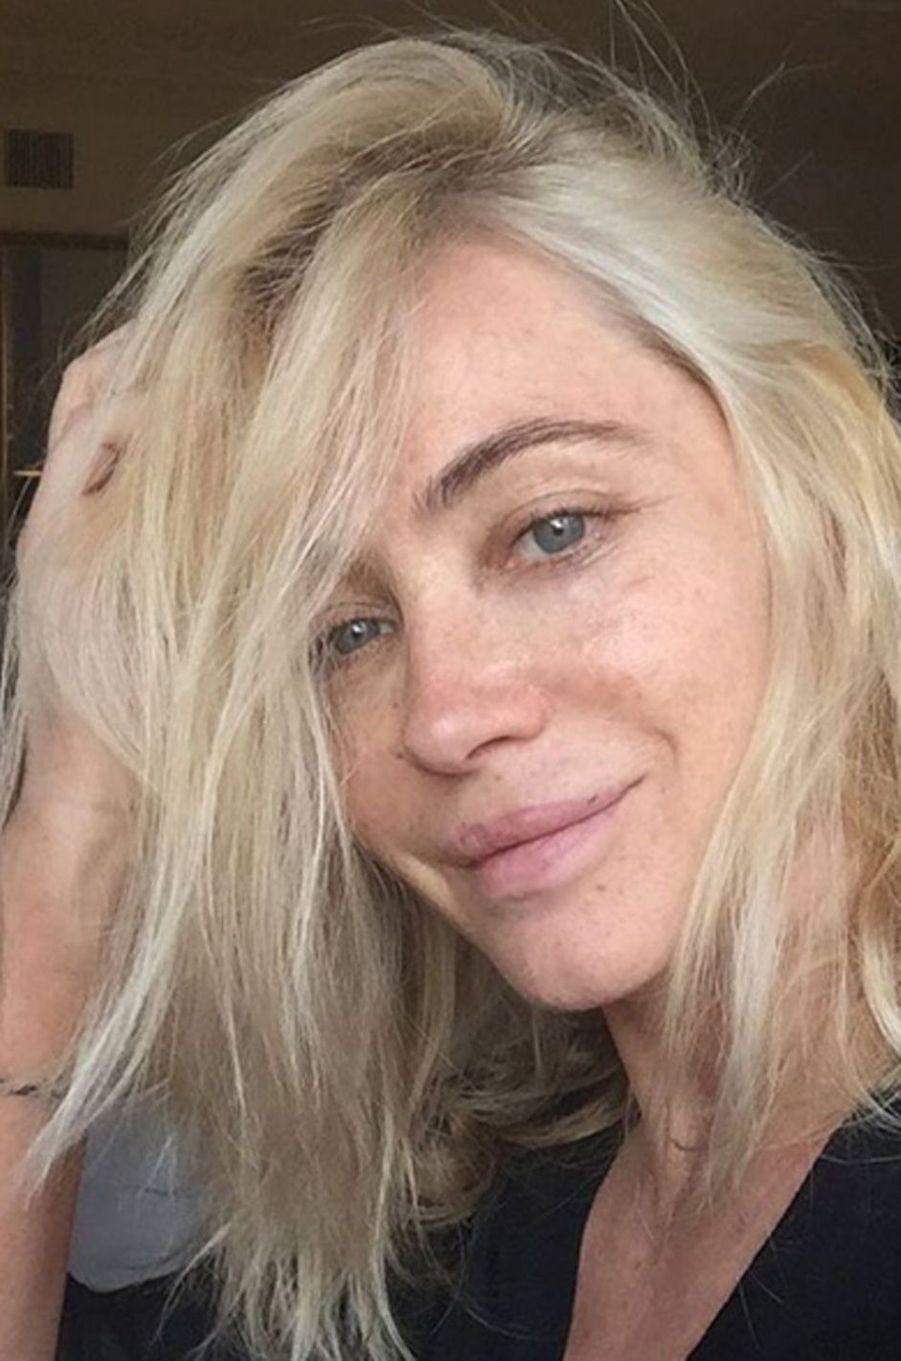 Emmanuelle Béart aime prendre des selfies au naturel